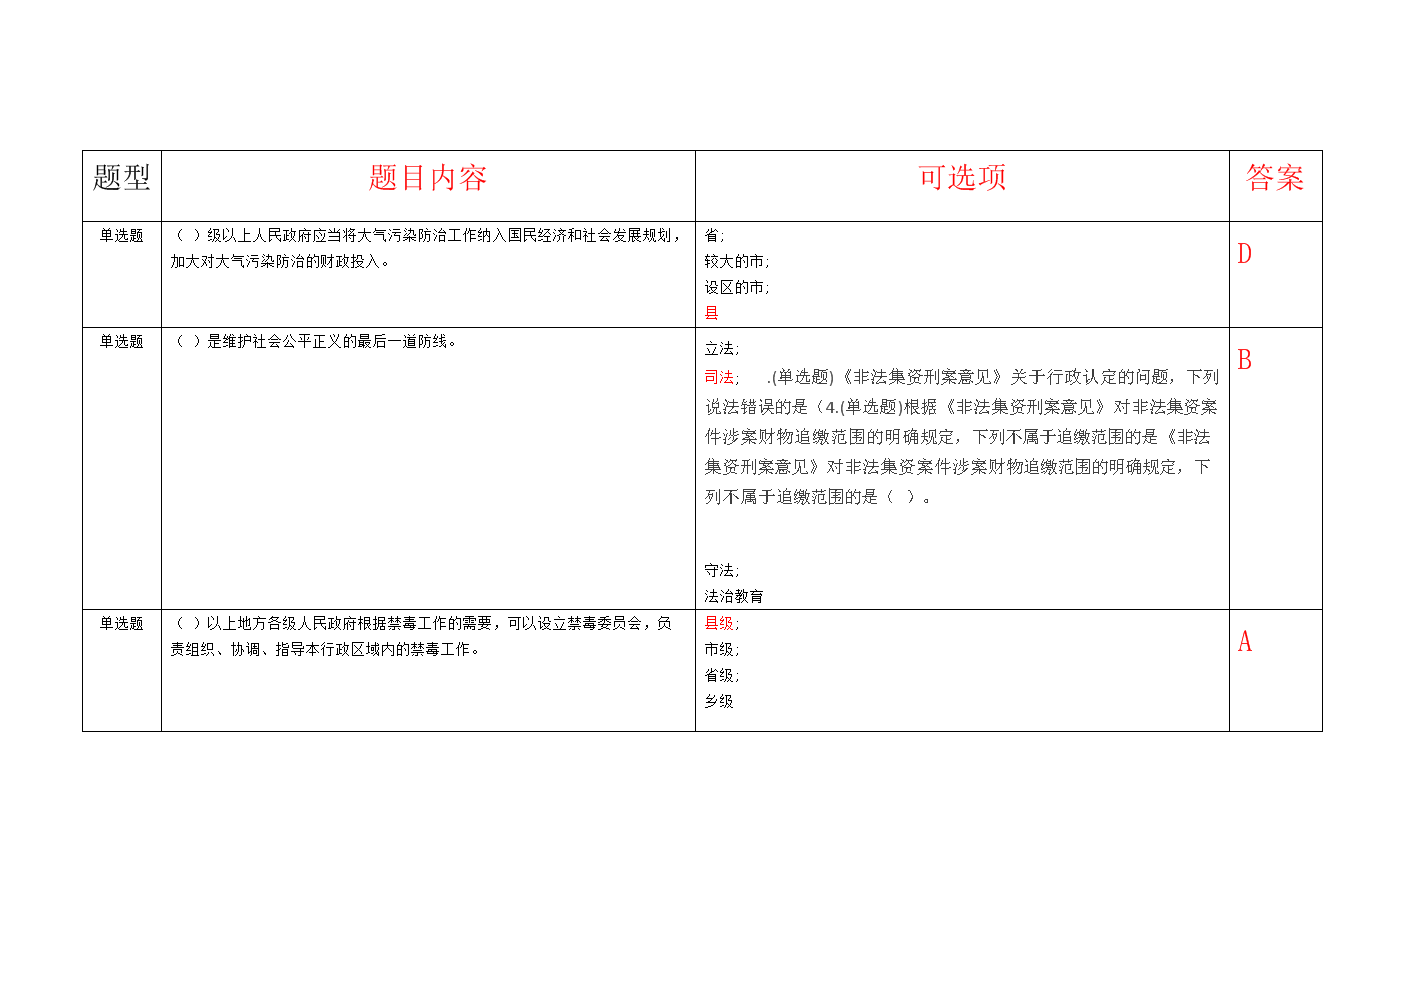 湖南普法考试题库2015(编辑版_new教案分析.永远的歌声课案分析图片